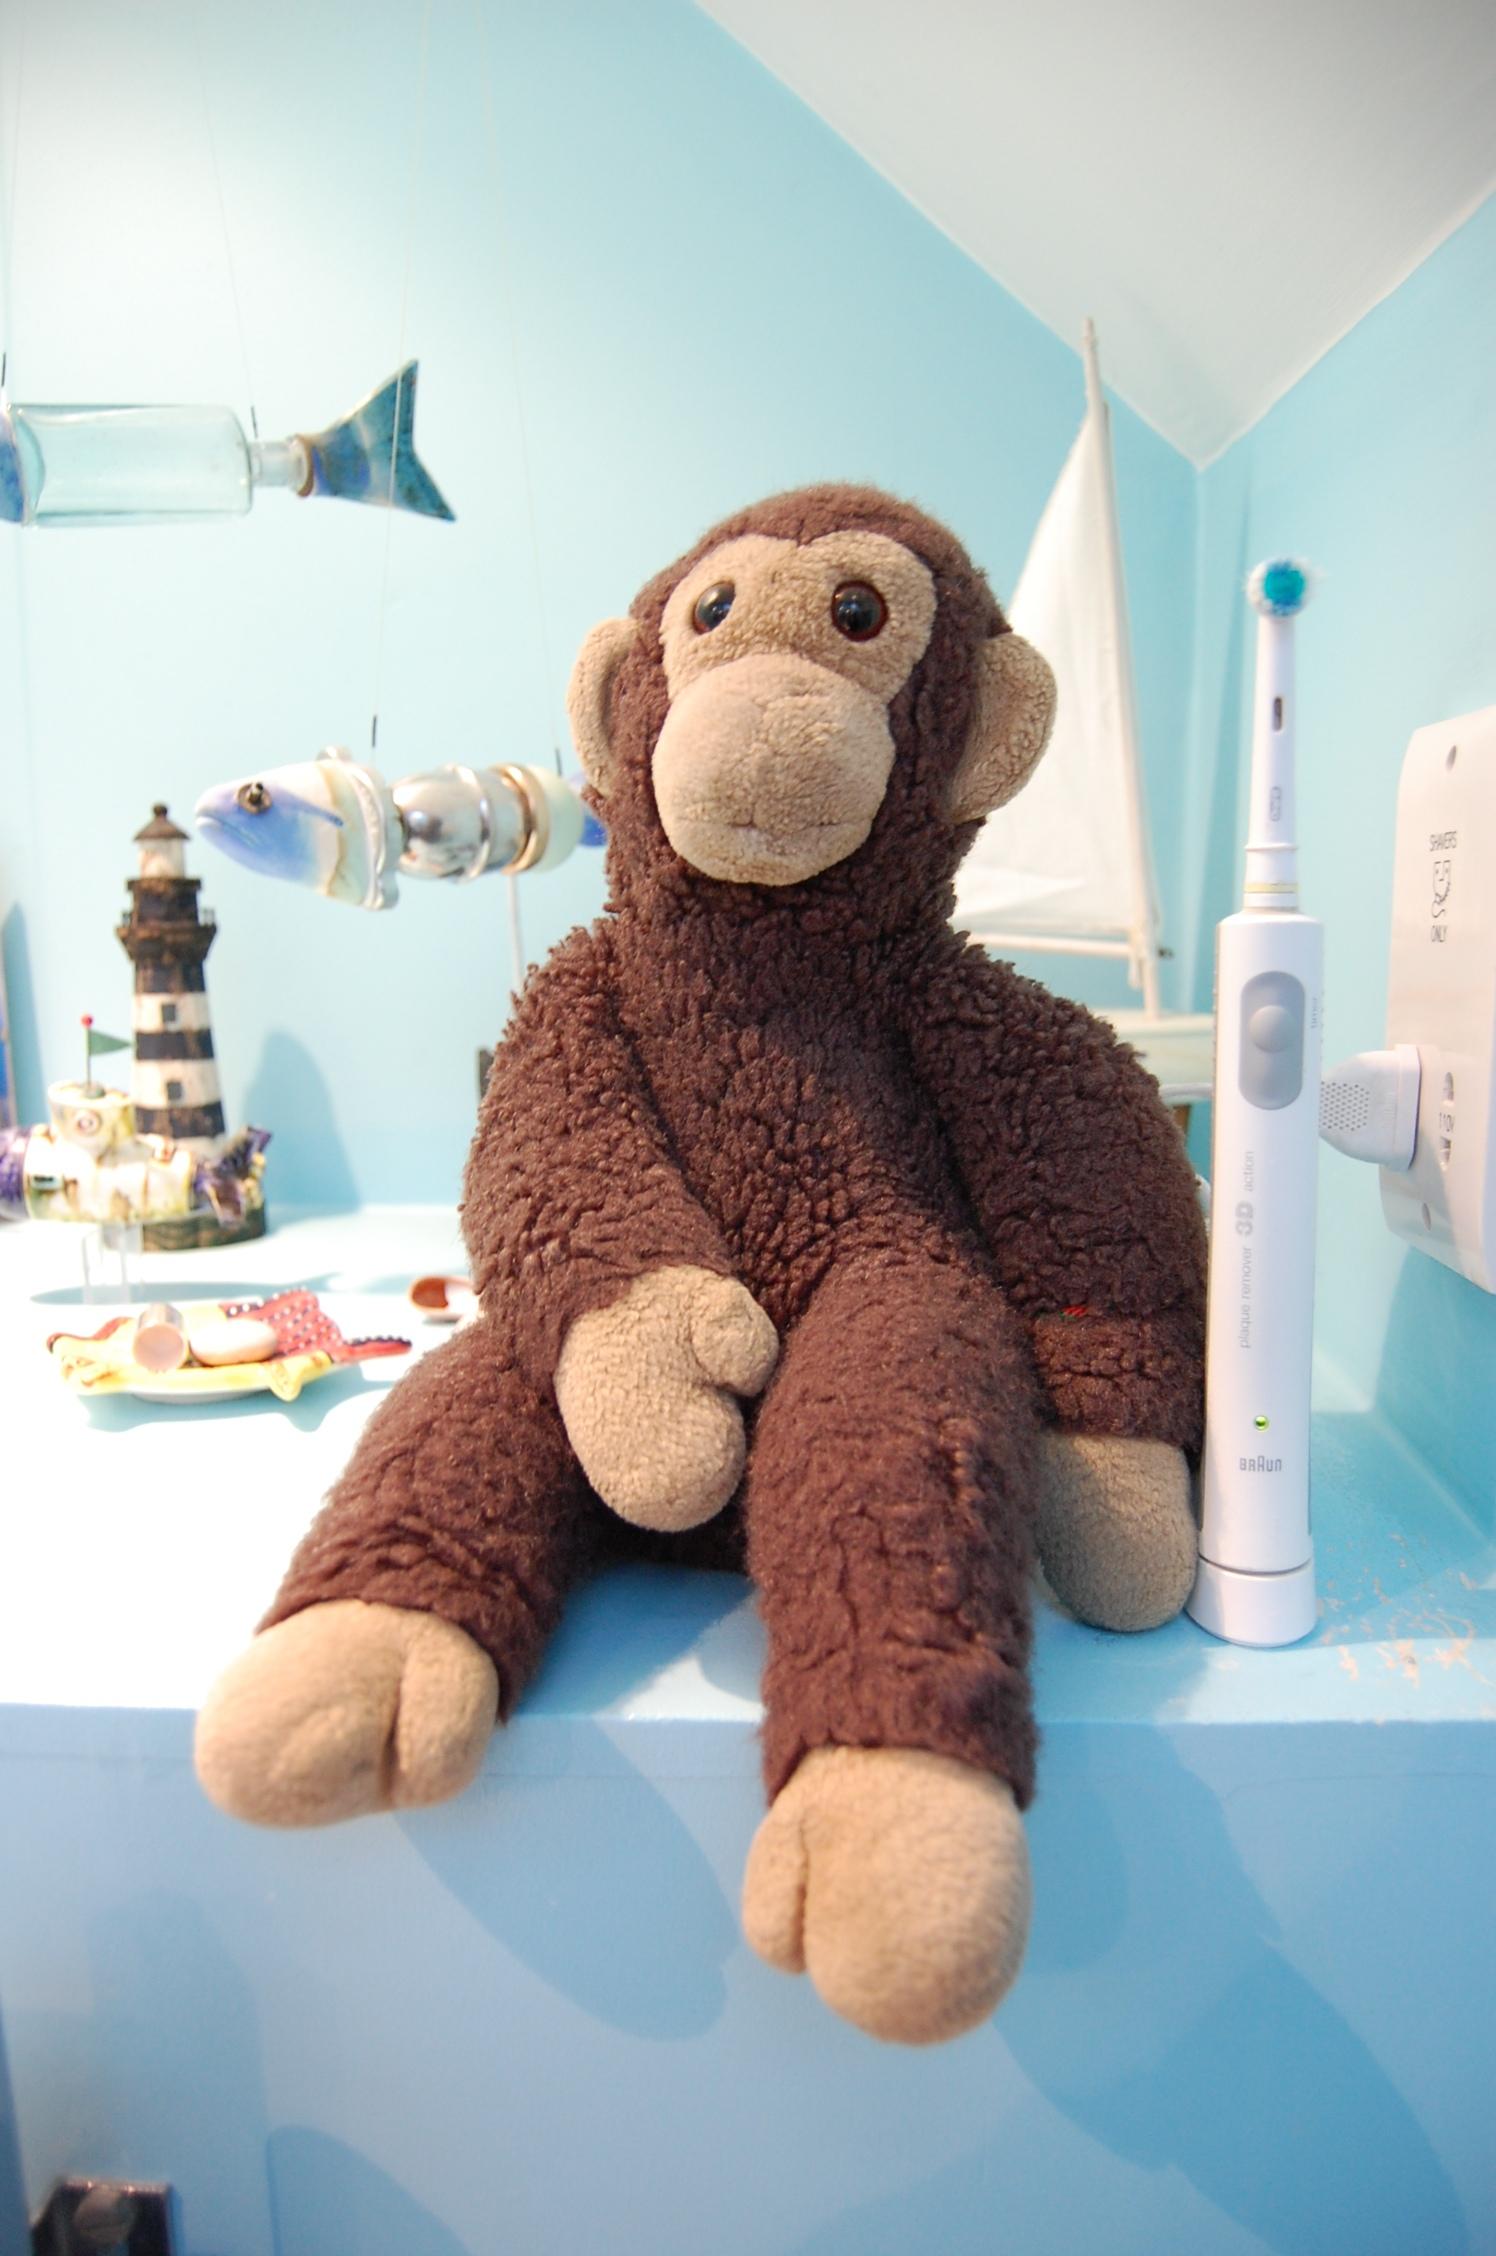 Stuffed monkey, Stuffed, Toothbrush, Toy, Monkey, HQ Photo